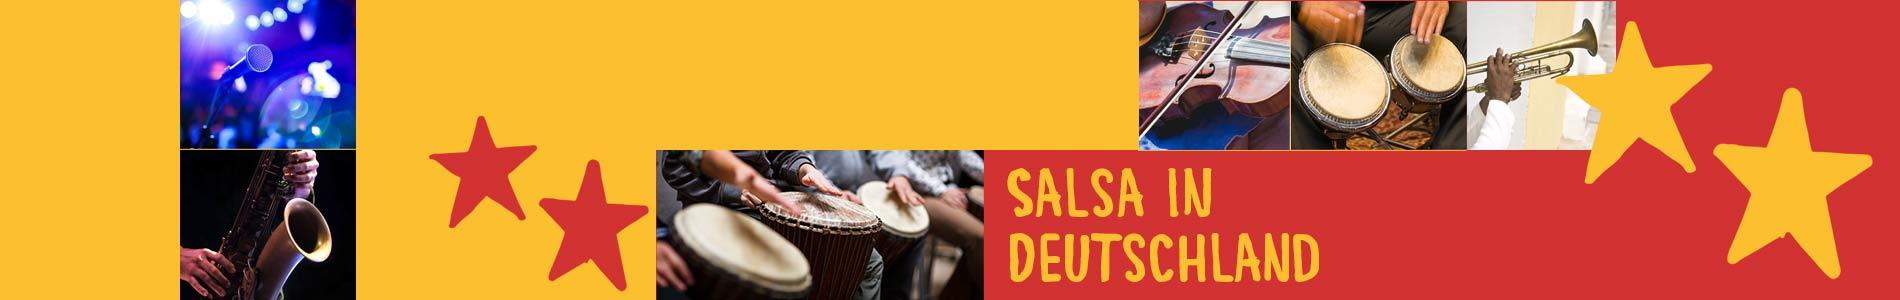 Salsa in Borstendorf – Salsa lernen und tanzen, Tanzkurse, Partys, Veranstaltungen